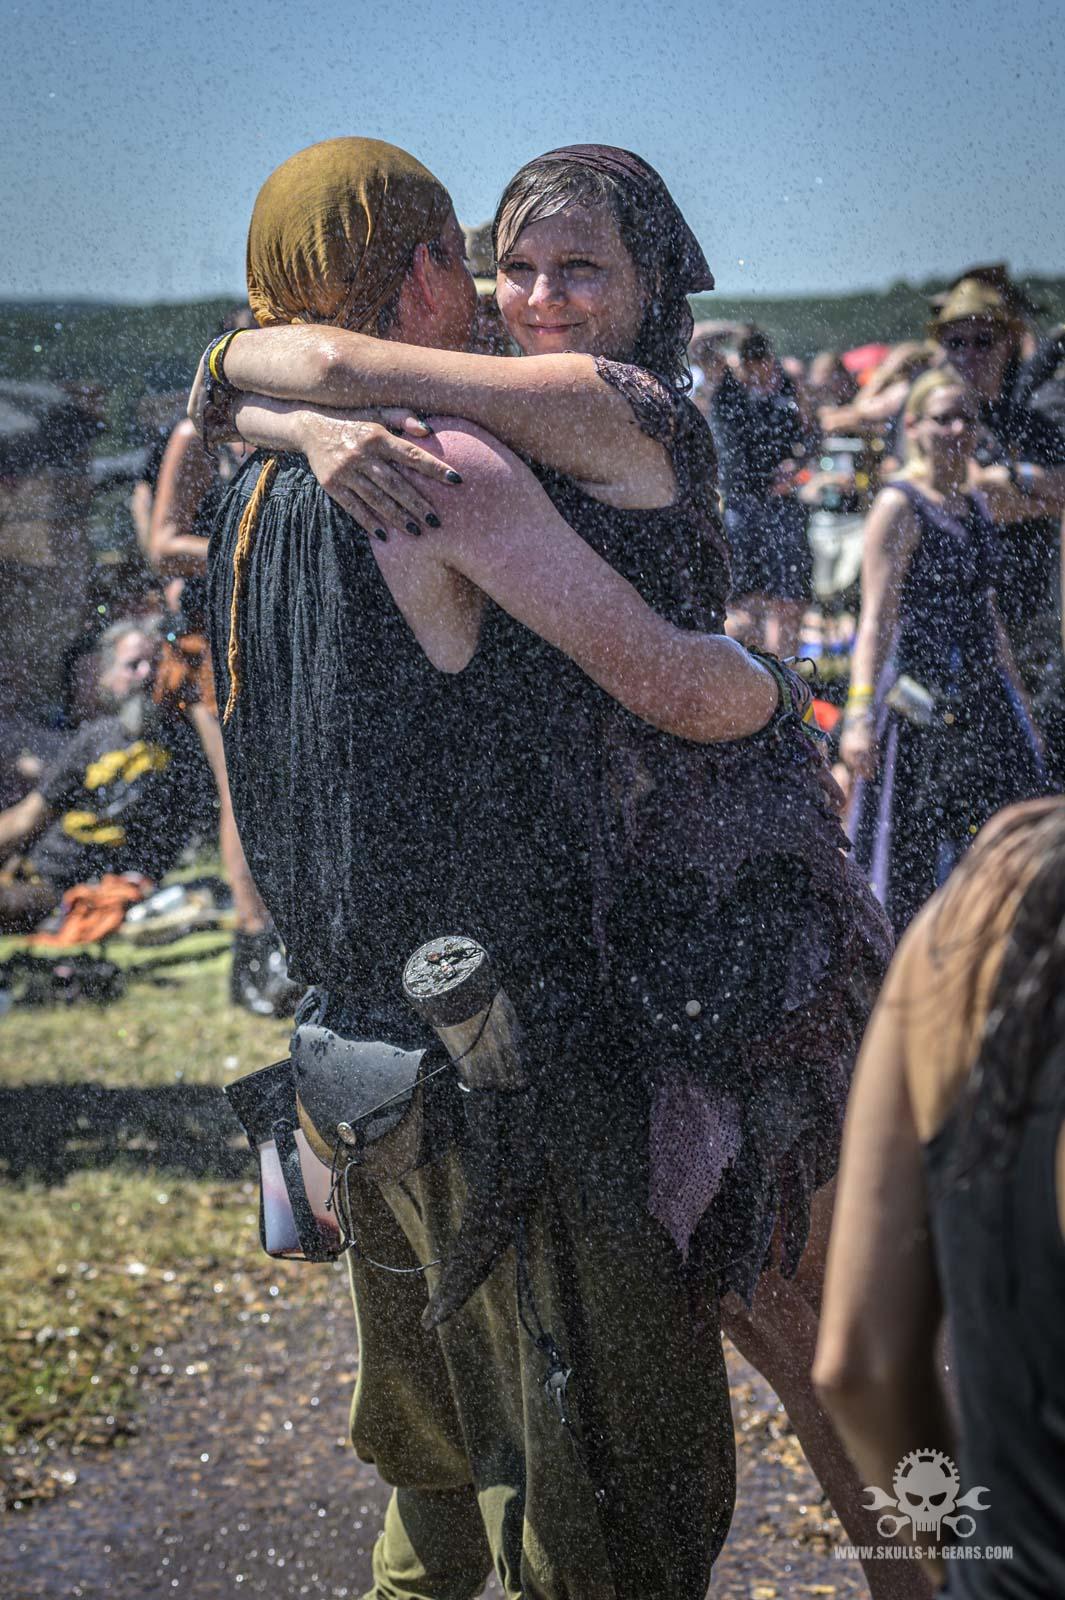 Feuertanz Festival 2019 - Besucher-793